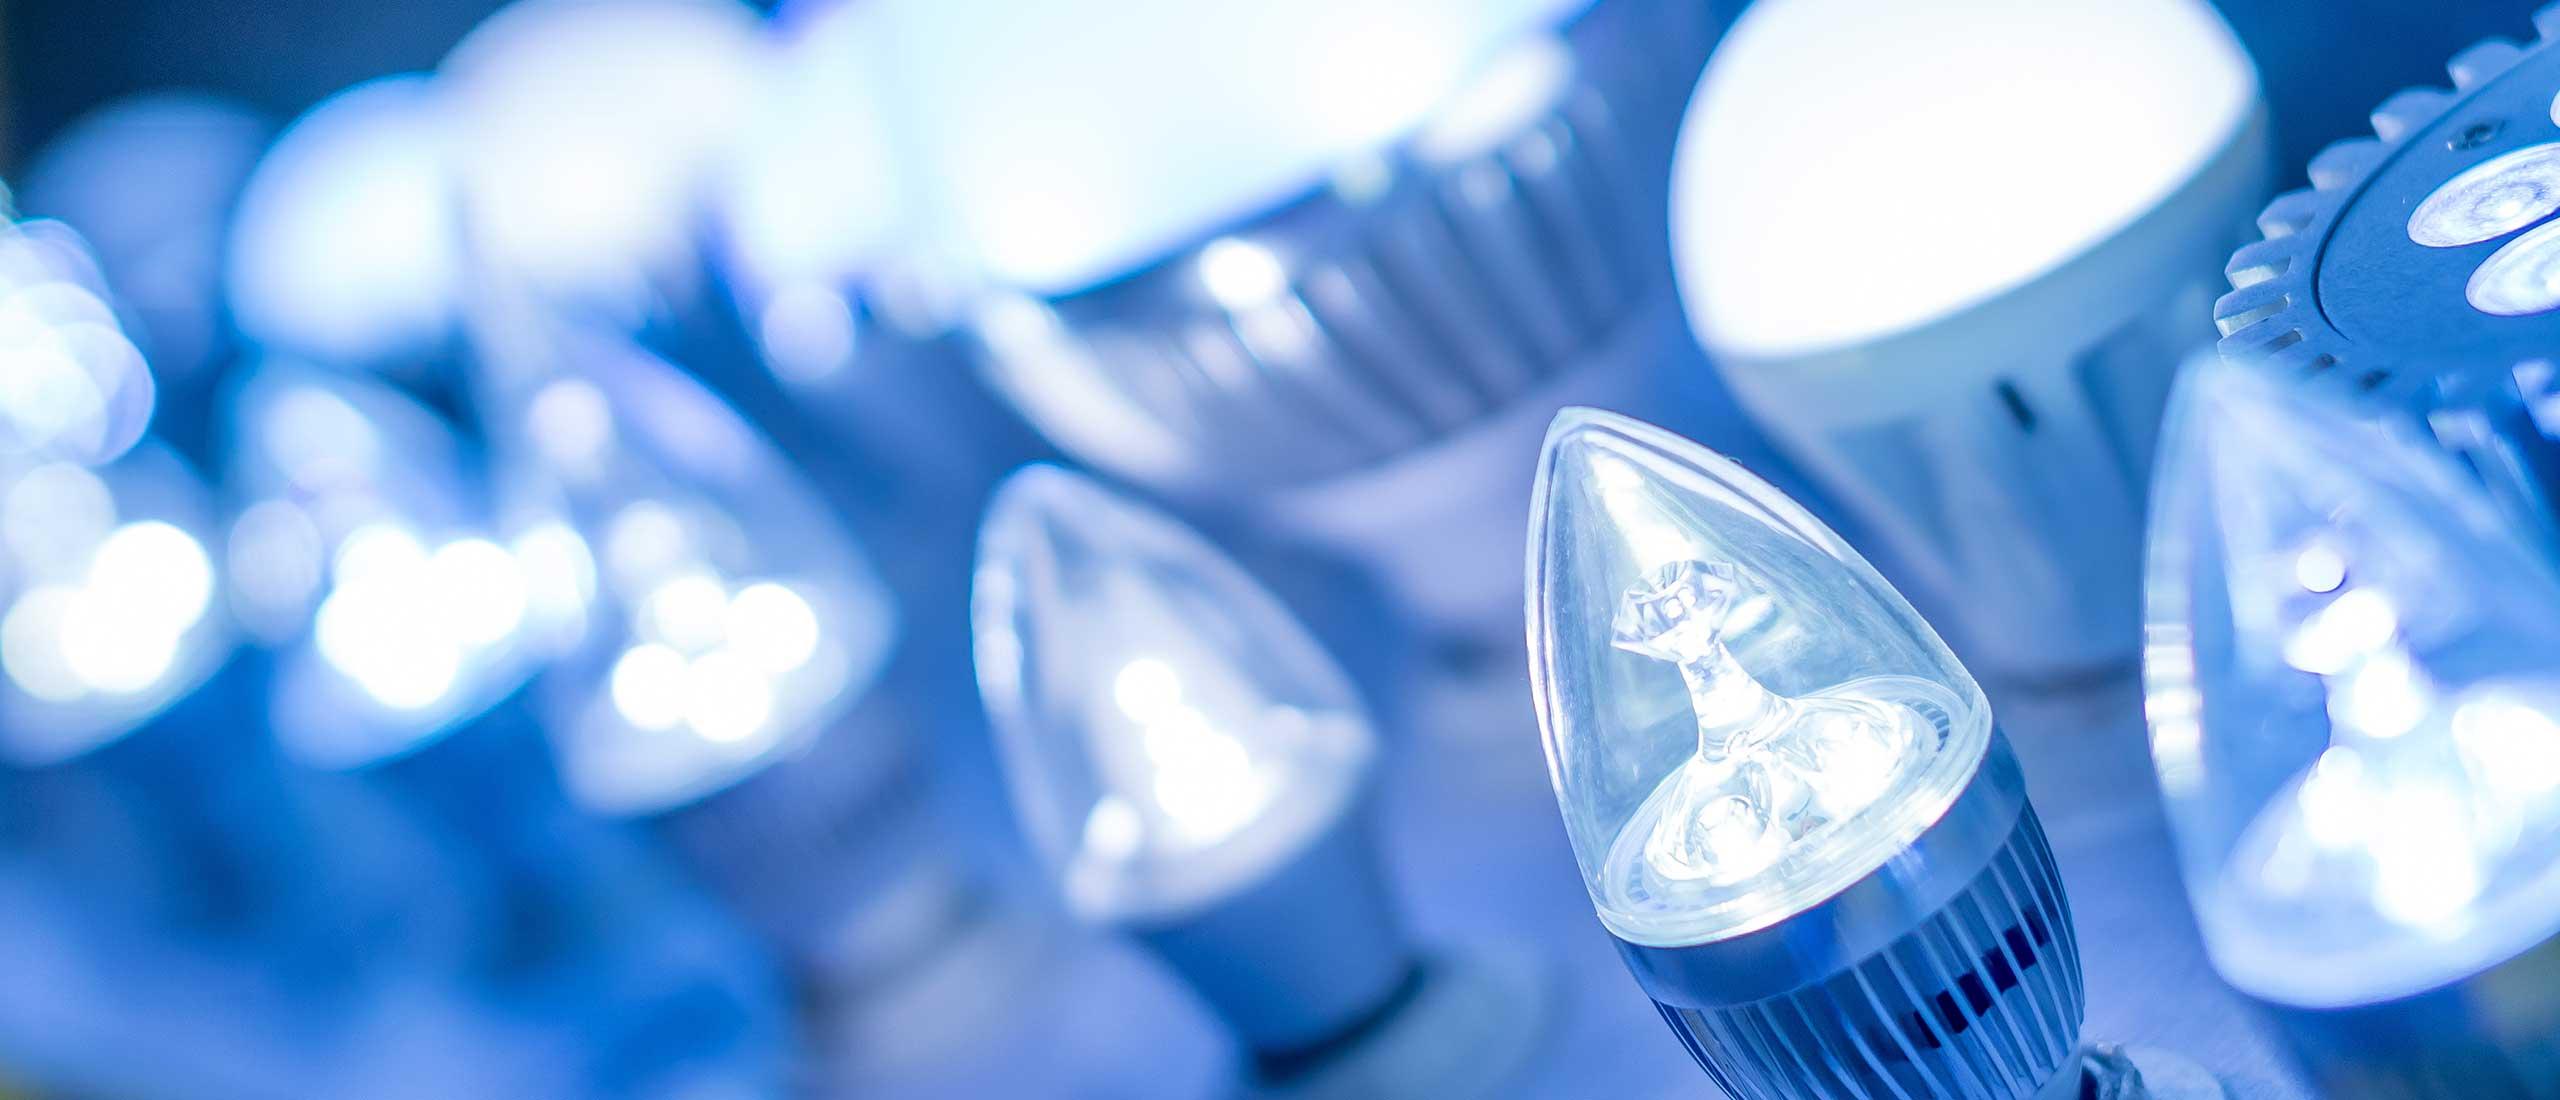 Installatie van LED verlichting door de installateur uit Dalen ...